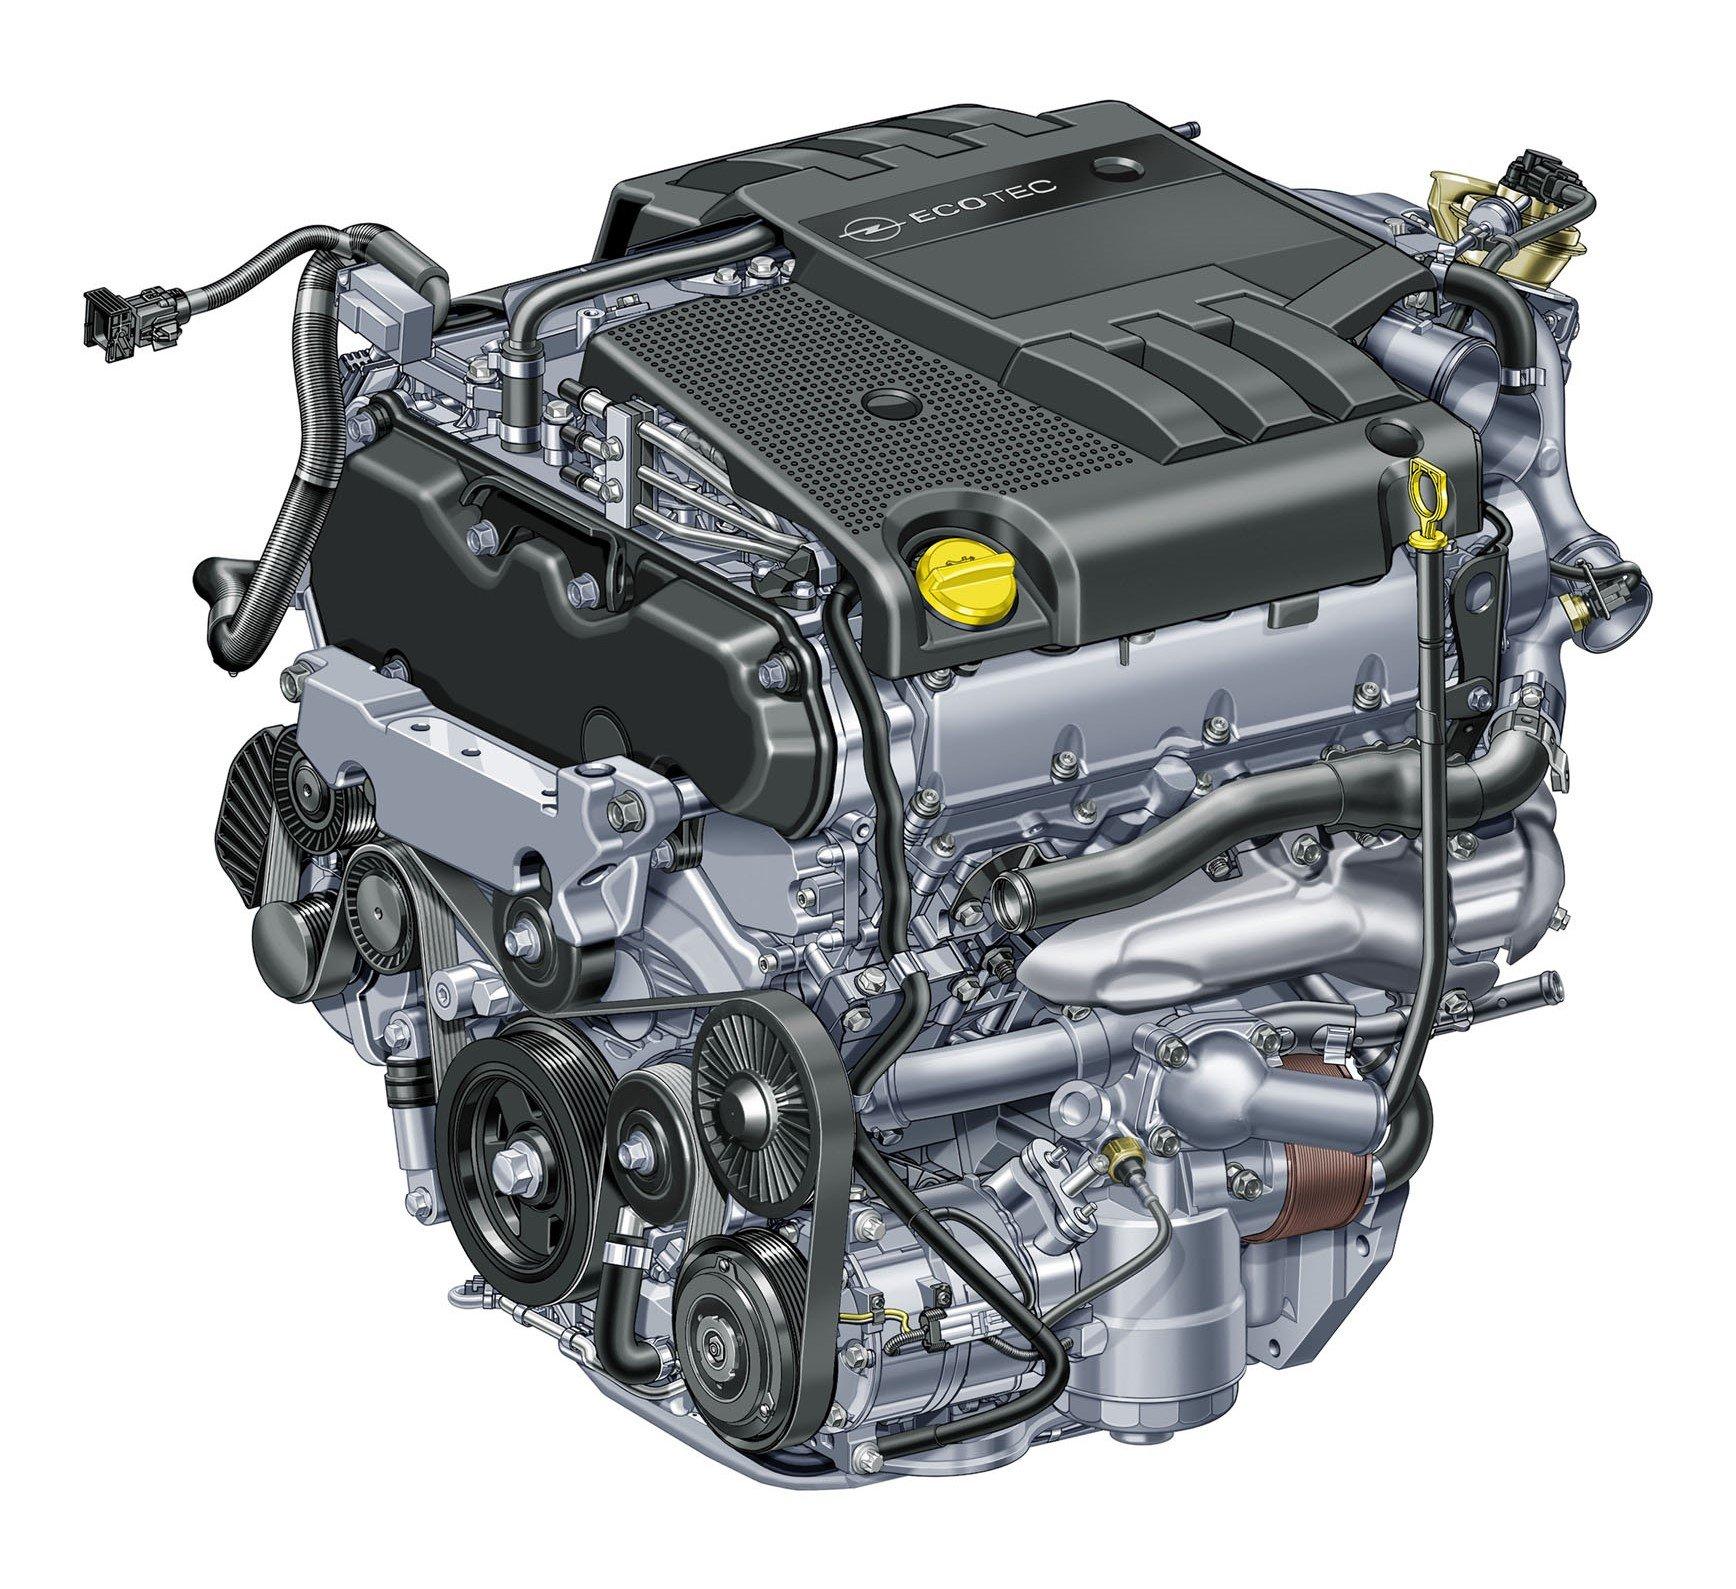 Opel-3.0 V6 cdti